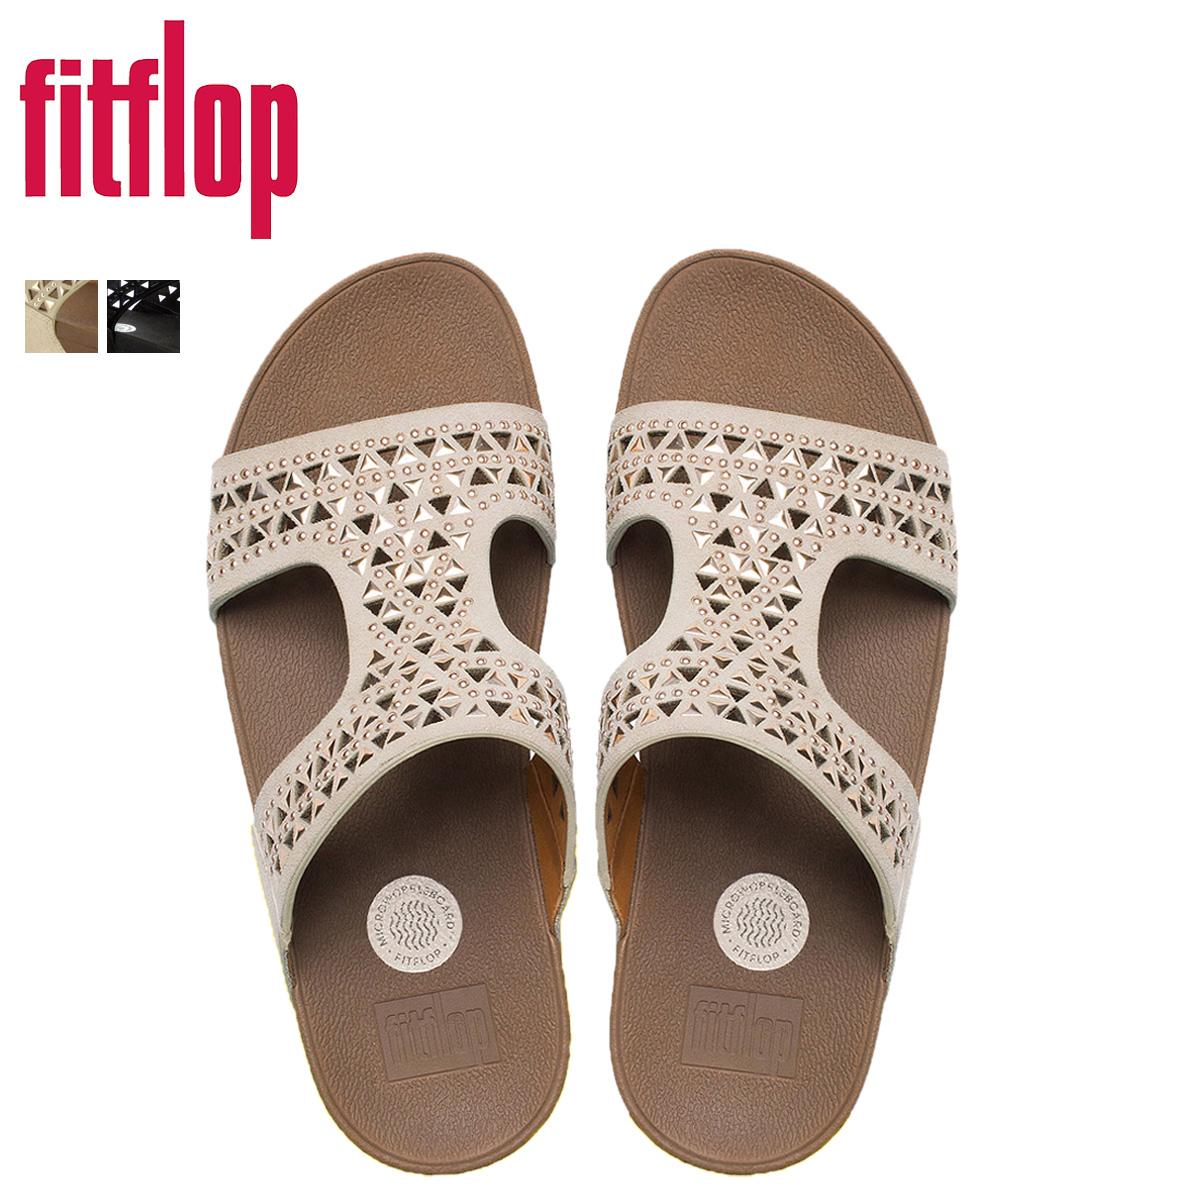 ef2dd0edca60d  SOLD OUT  FitFlop fit flop Carmel Slide Sandals CARMEL SUEDE SLIDE 670  women s